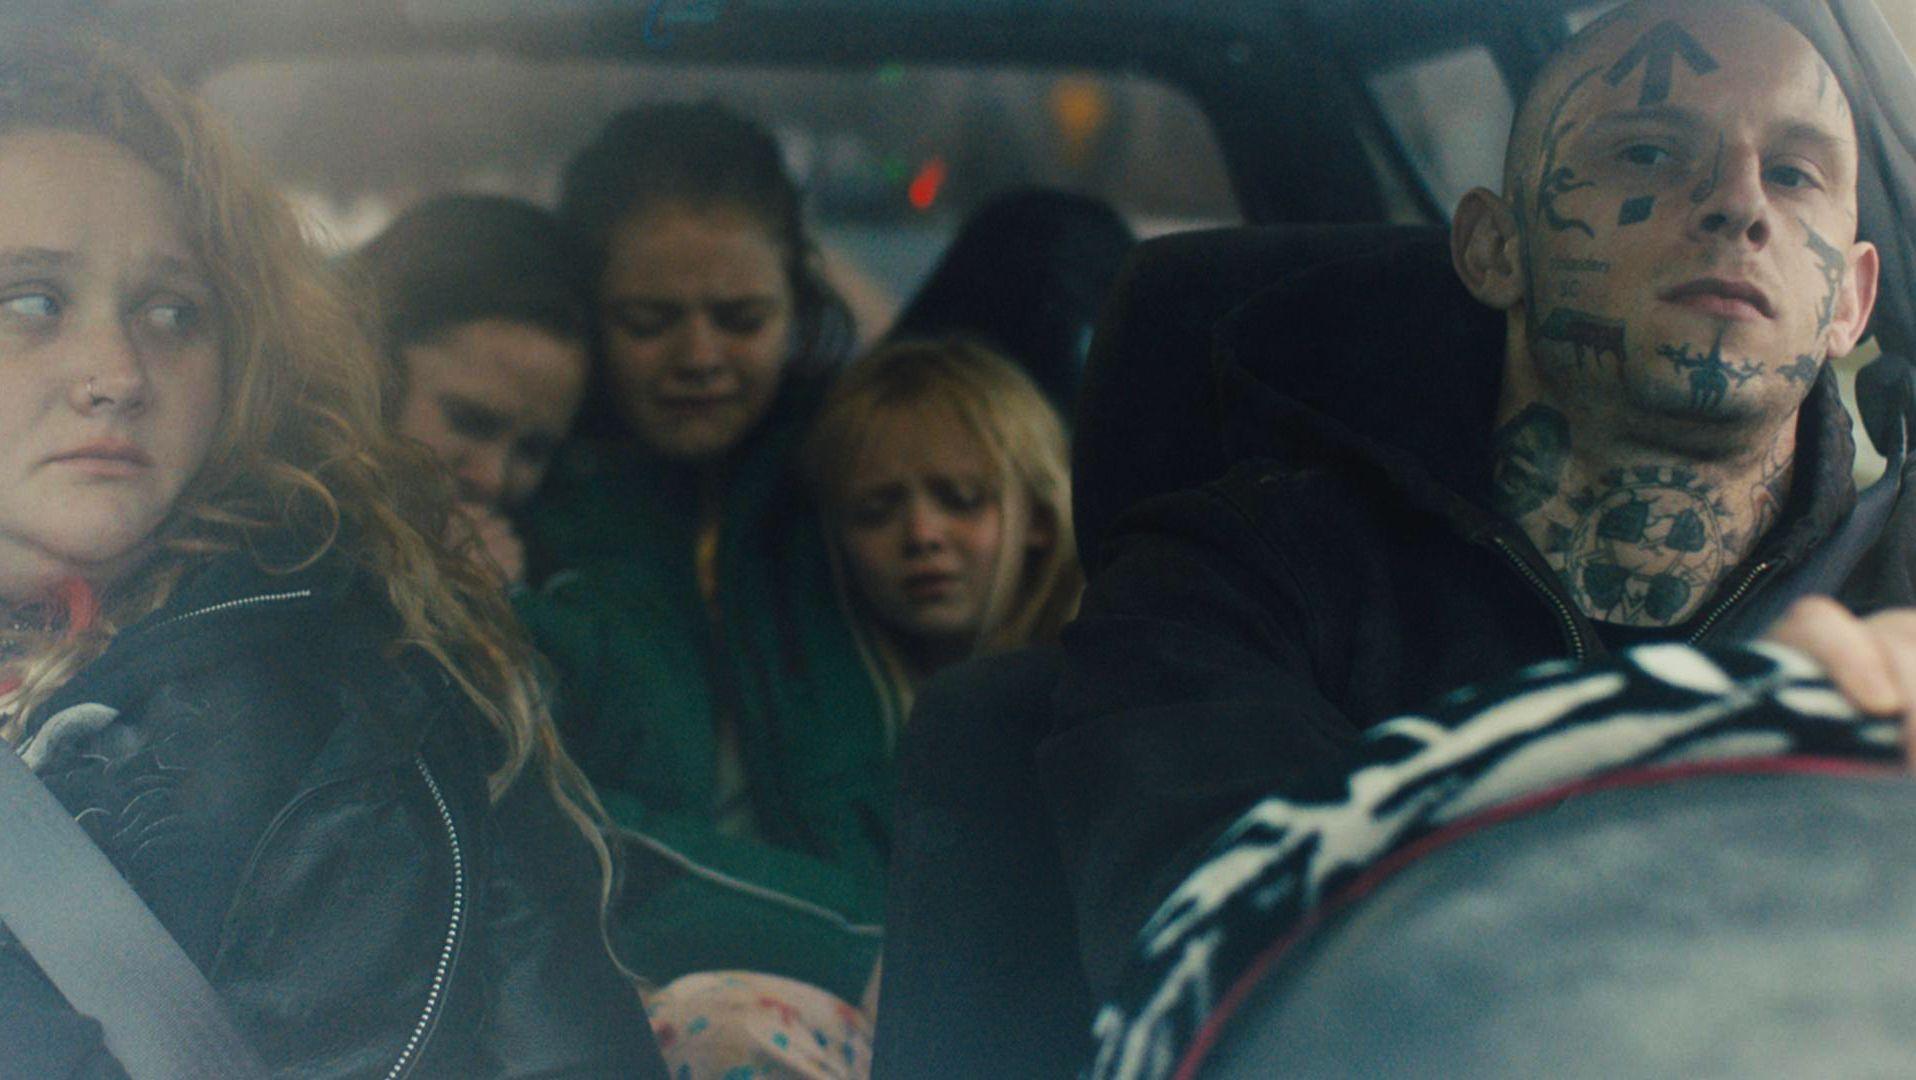 Der Neonazi Bryon im Auto mit Familie, neben ihm seine neue Liebe, eine alleinerziehende Mutter, dahinter ihre drei nölenden Töchter